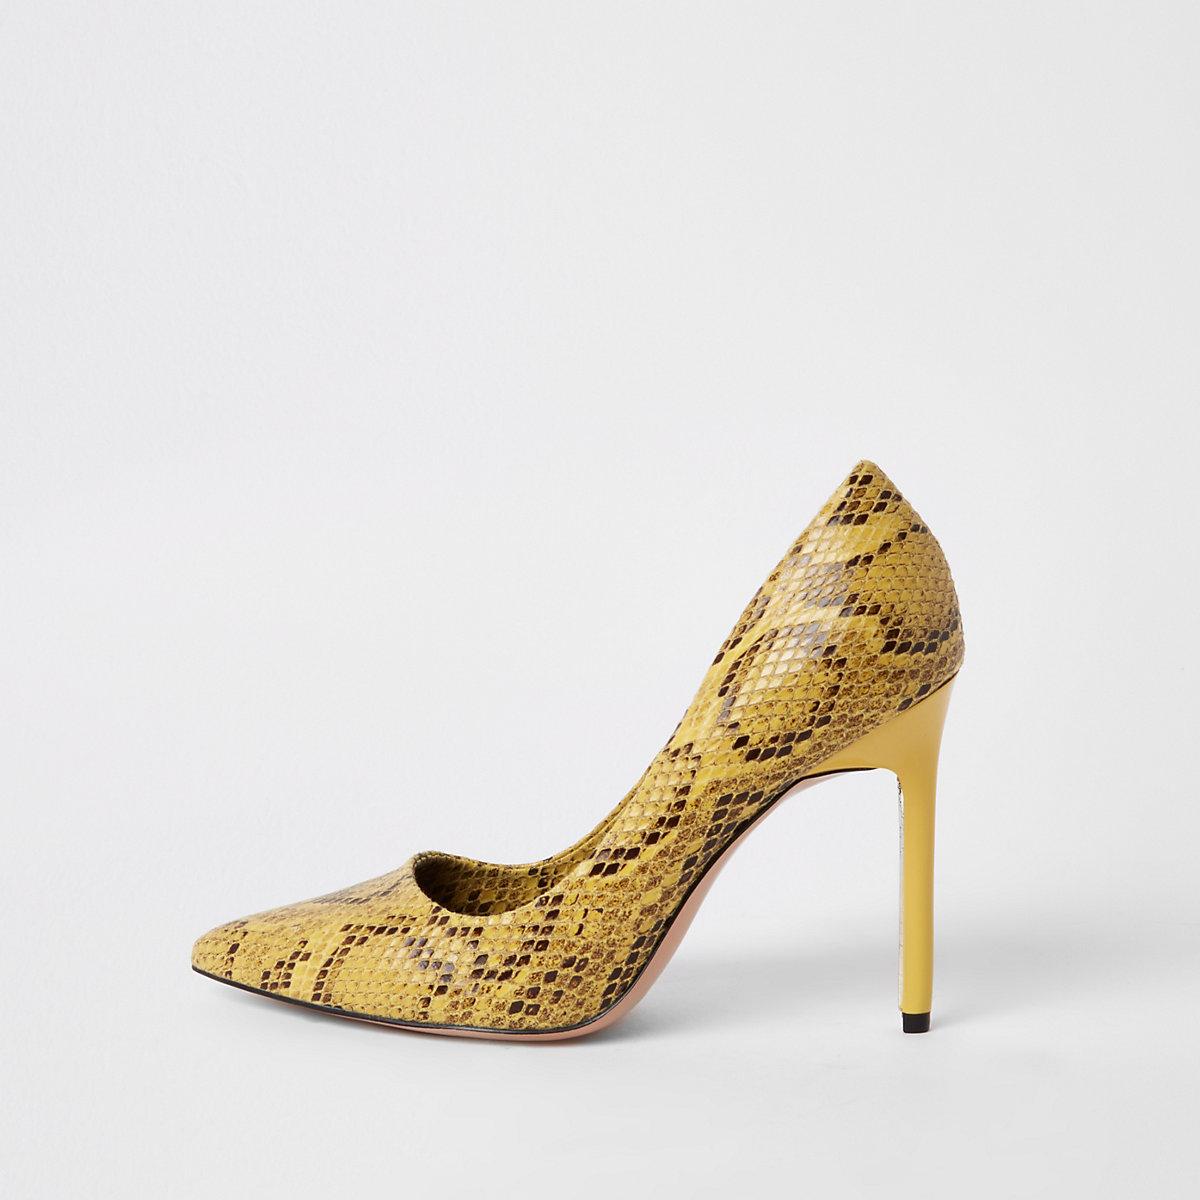 Yellow snake print pumps